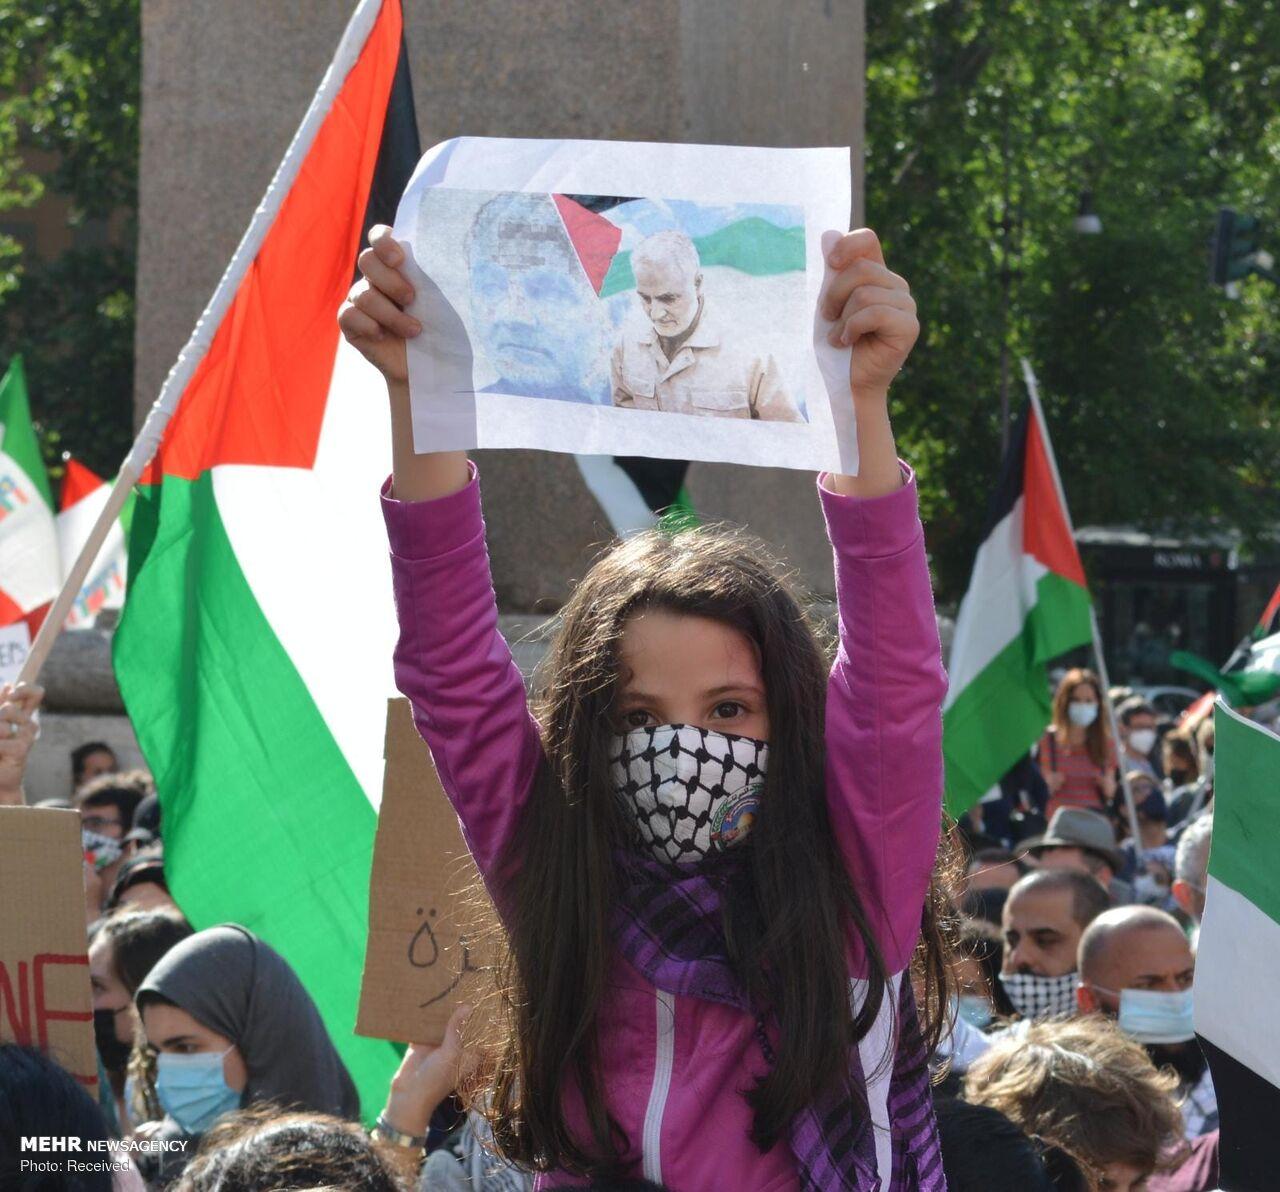 عکس/ تصویر حاج قاسم در دست حامیان فلسطین در ایتالیا